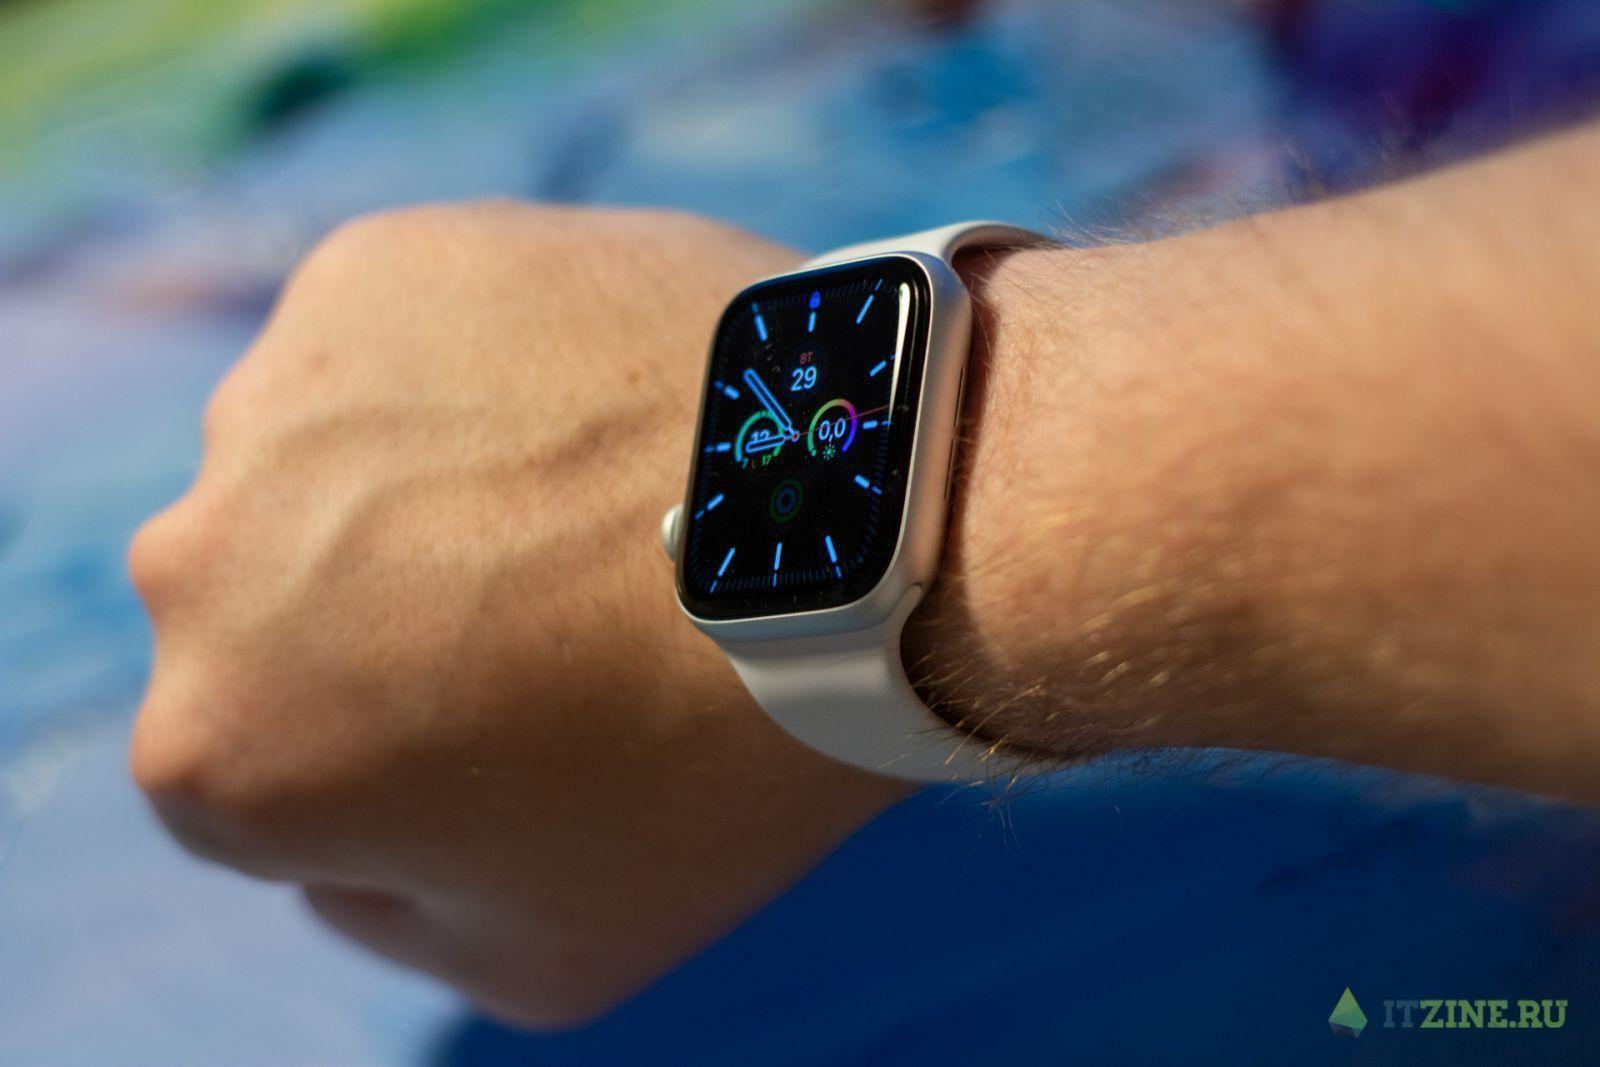 Первый взгляд: обзор Apple Watch series 6 cо сканером кислорода в крови (DSC 9221)